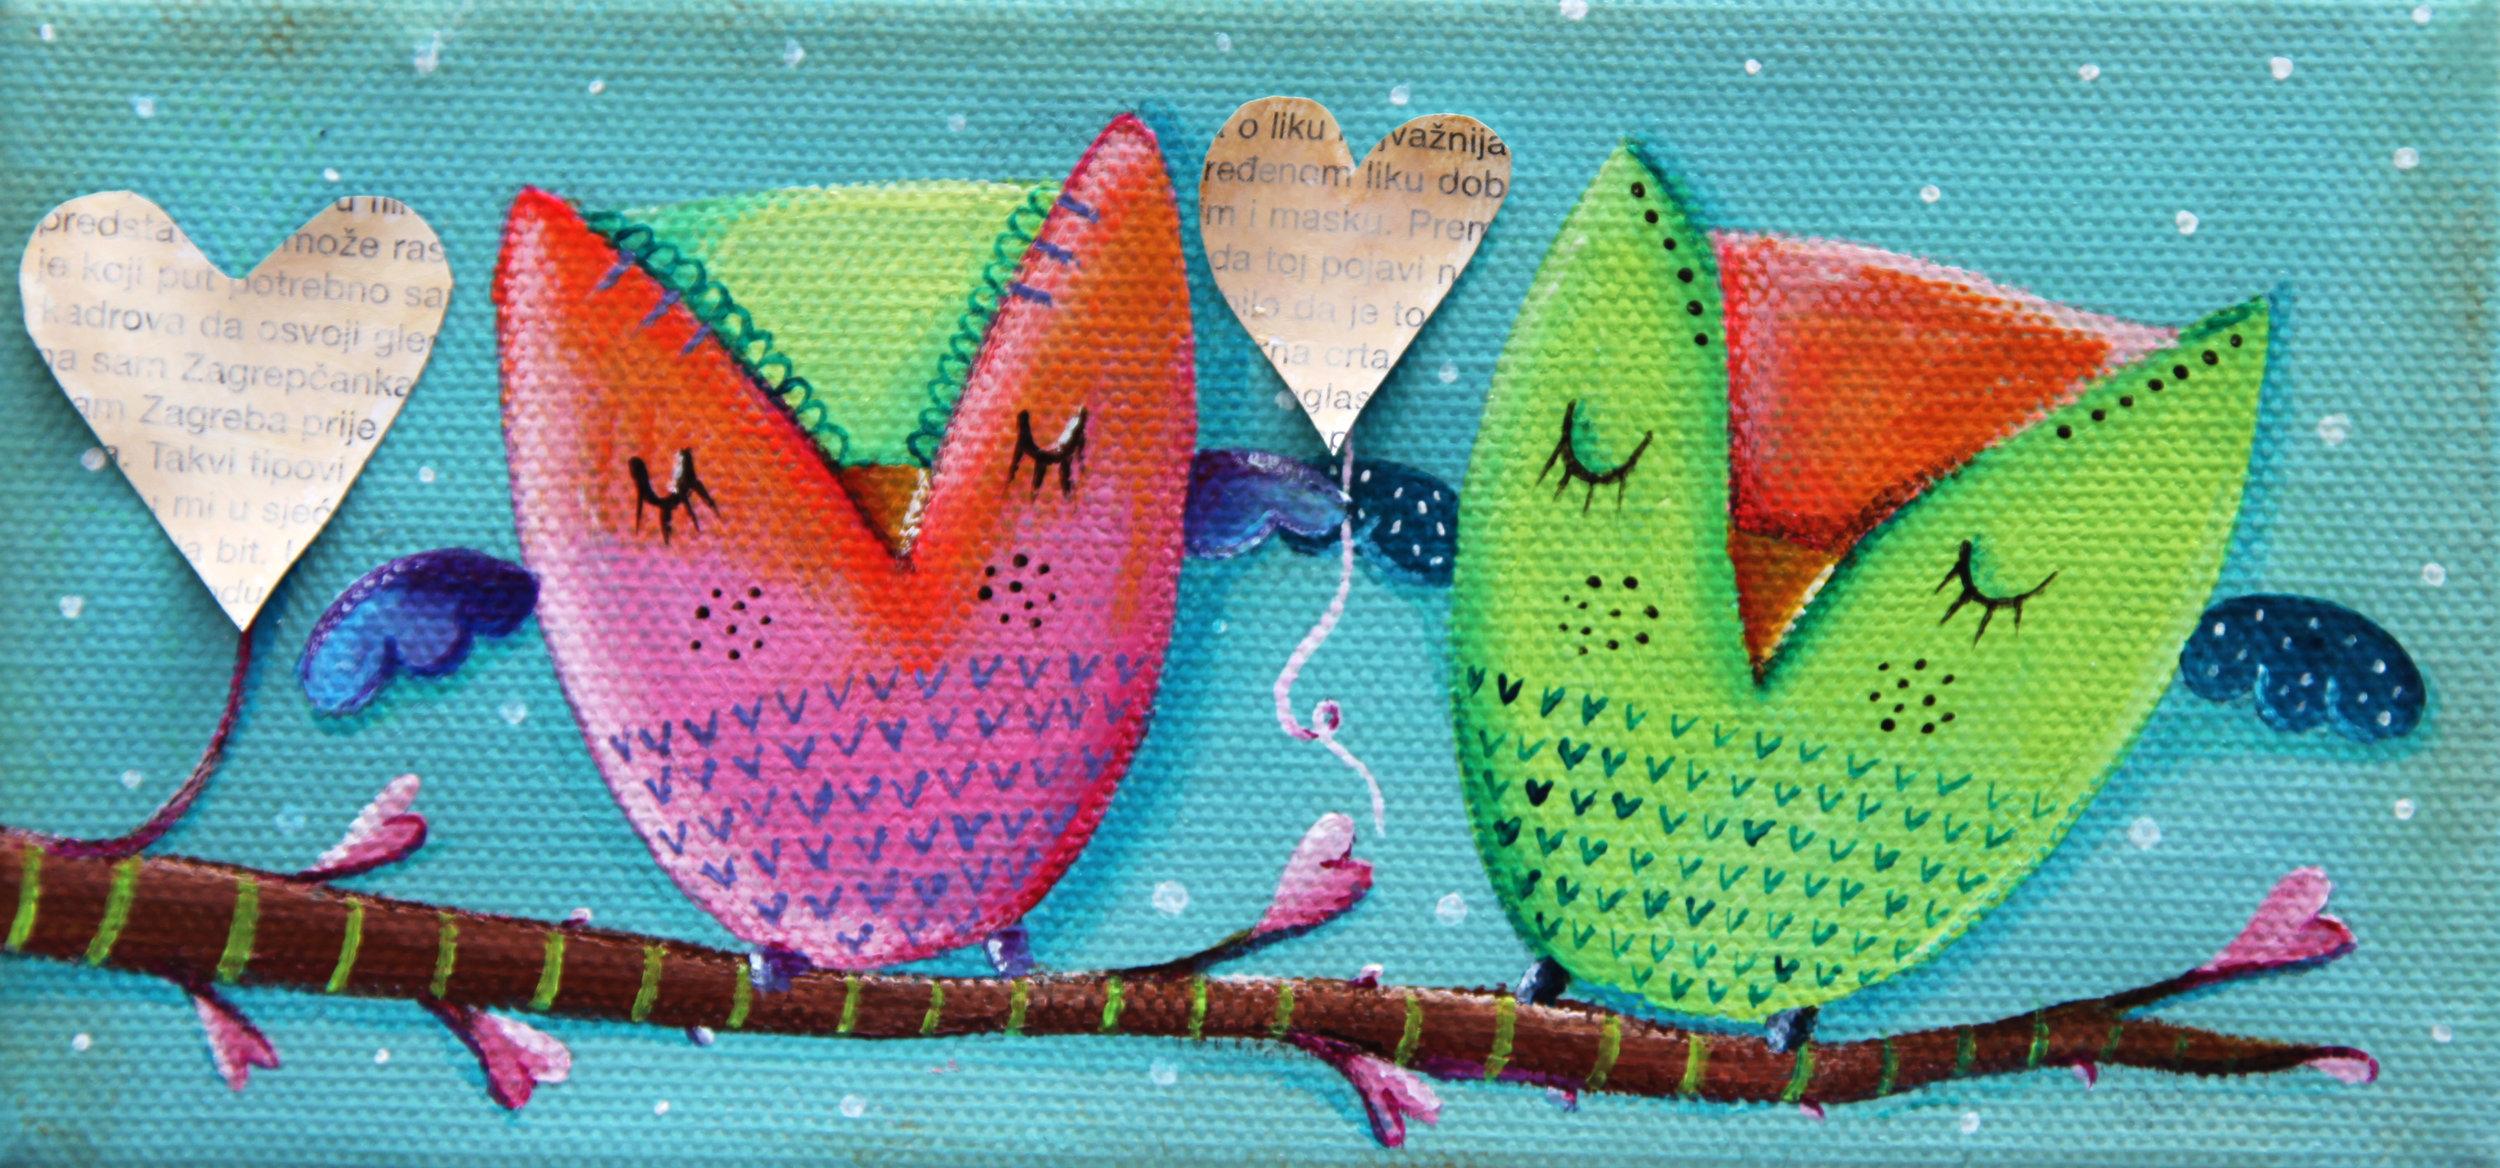 Two_Owls_in_love.jpg